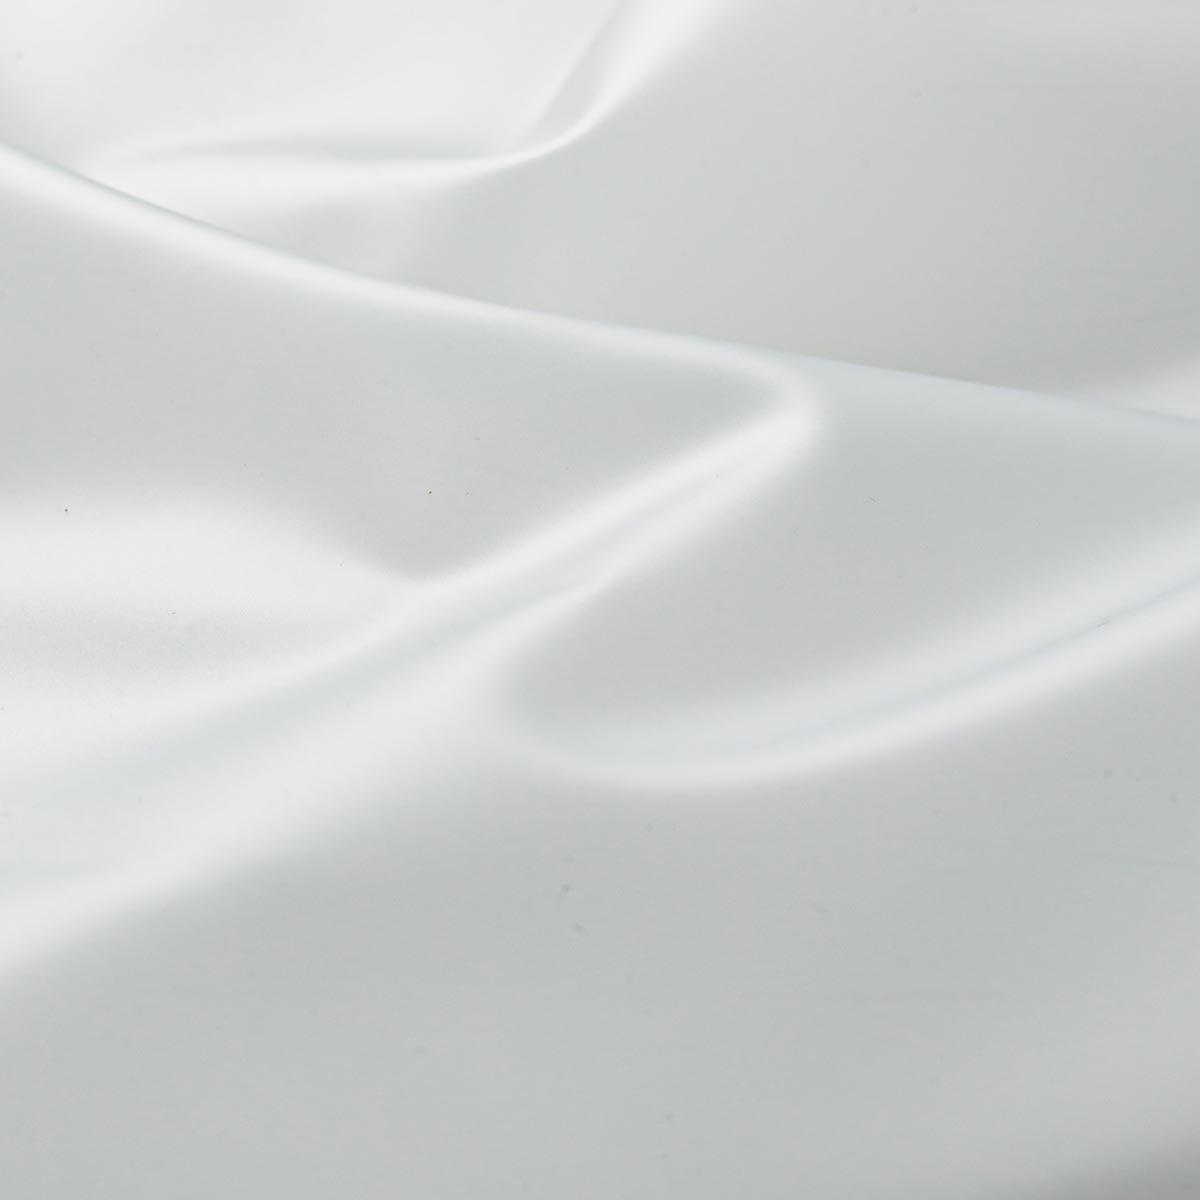 ビニールカーテン『シルエットカーテン ホワイト』イメージ5